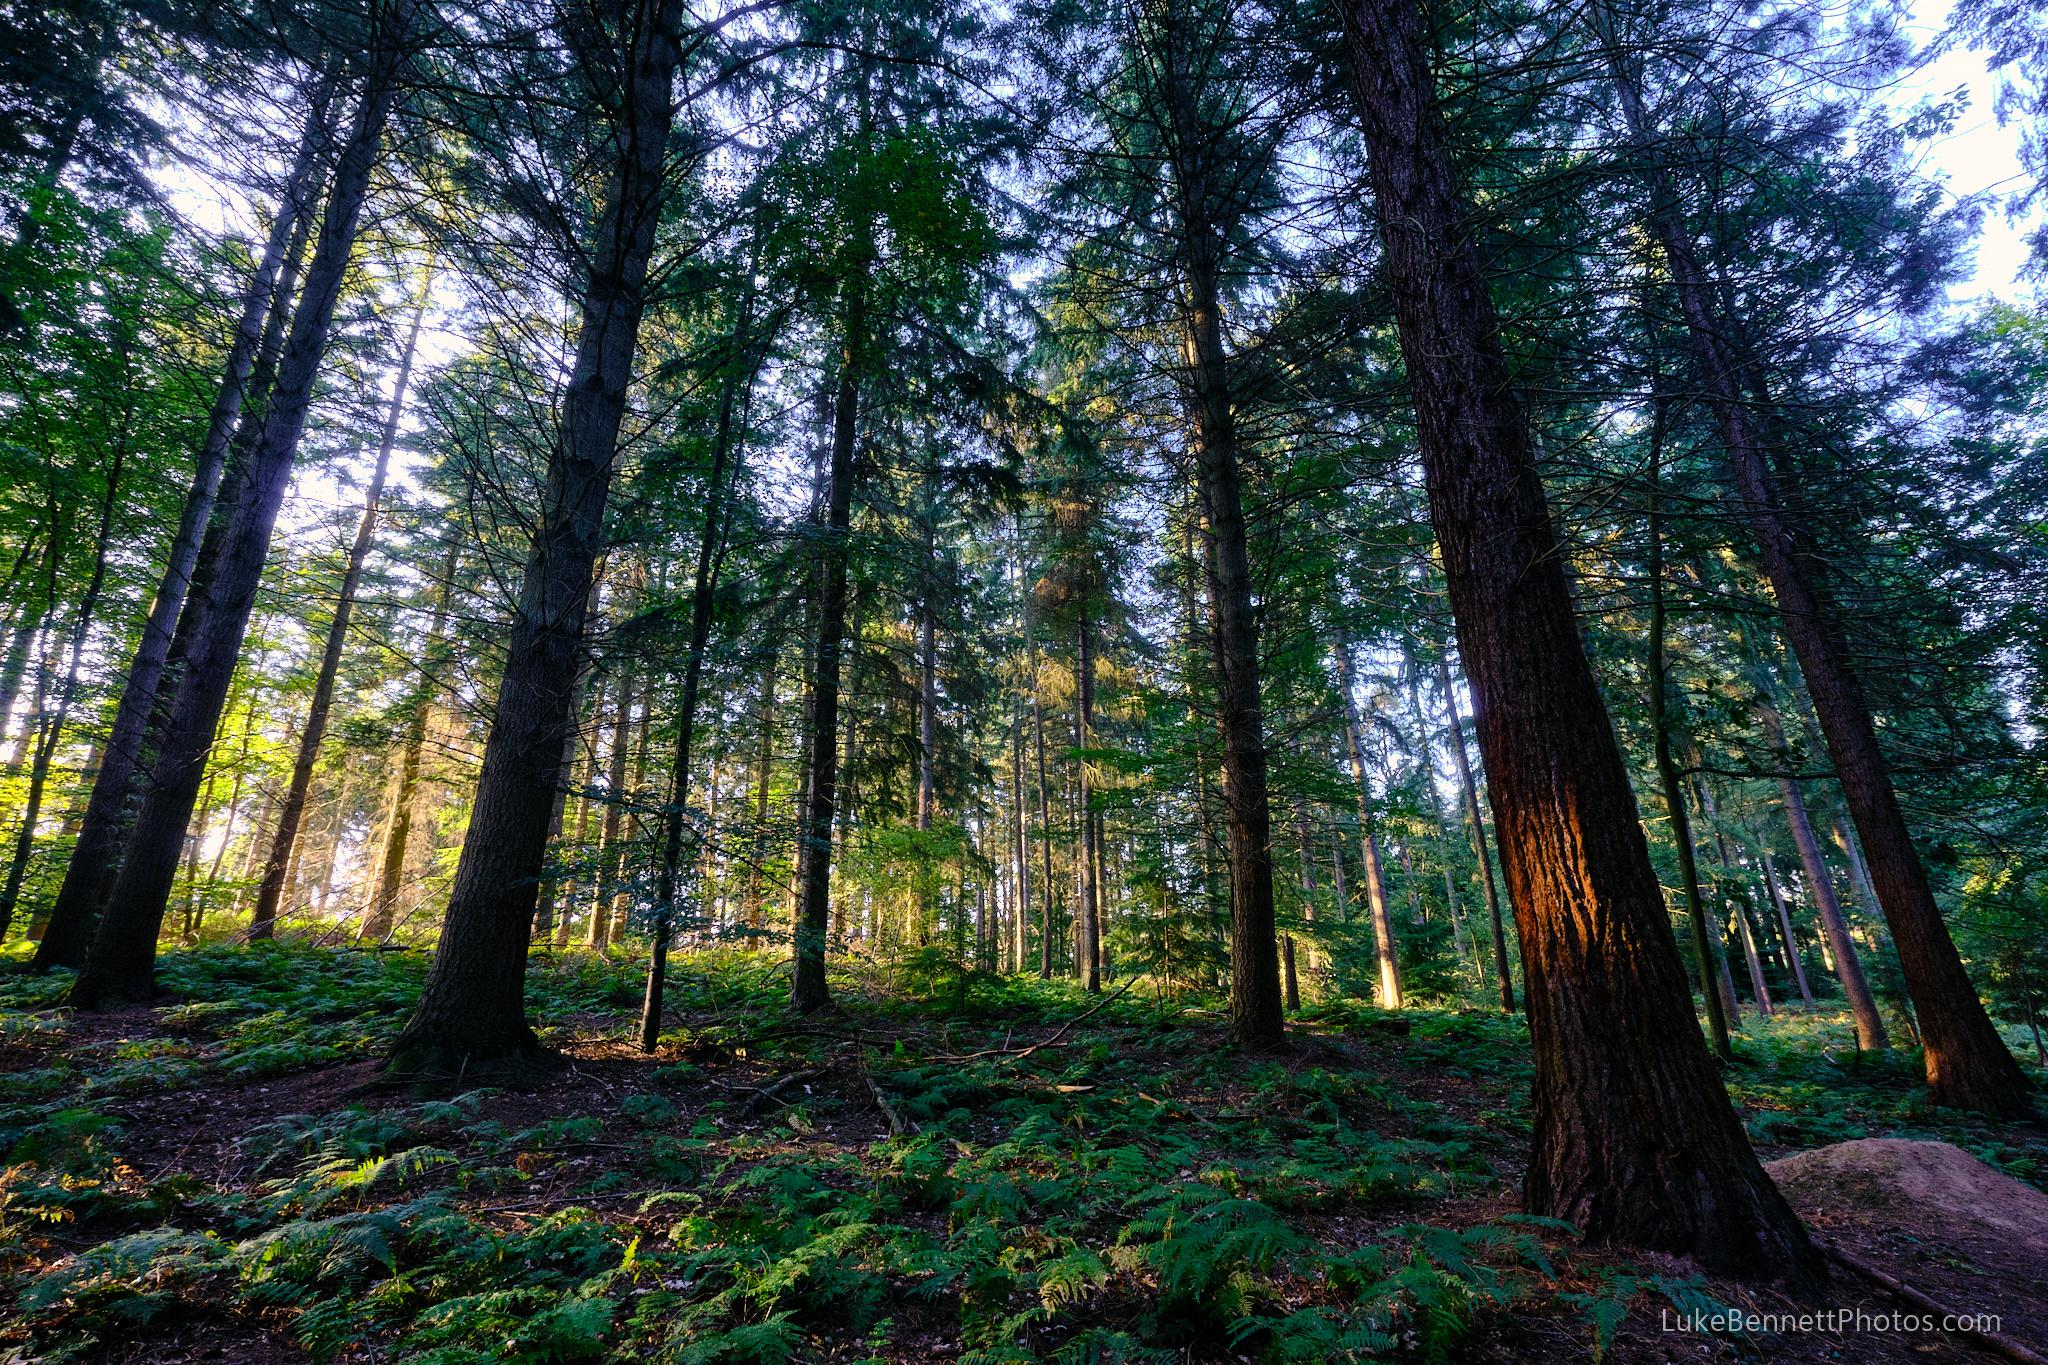 Nesscliffe Hills Woods